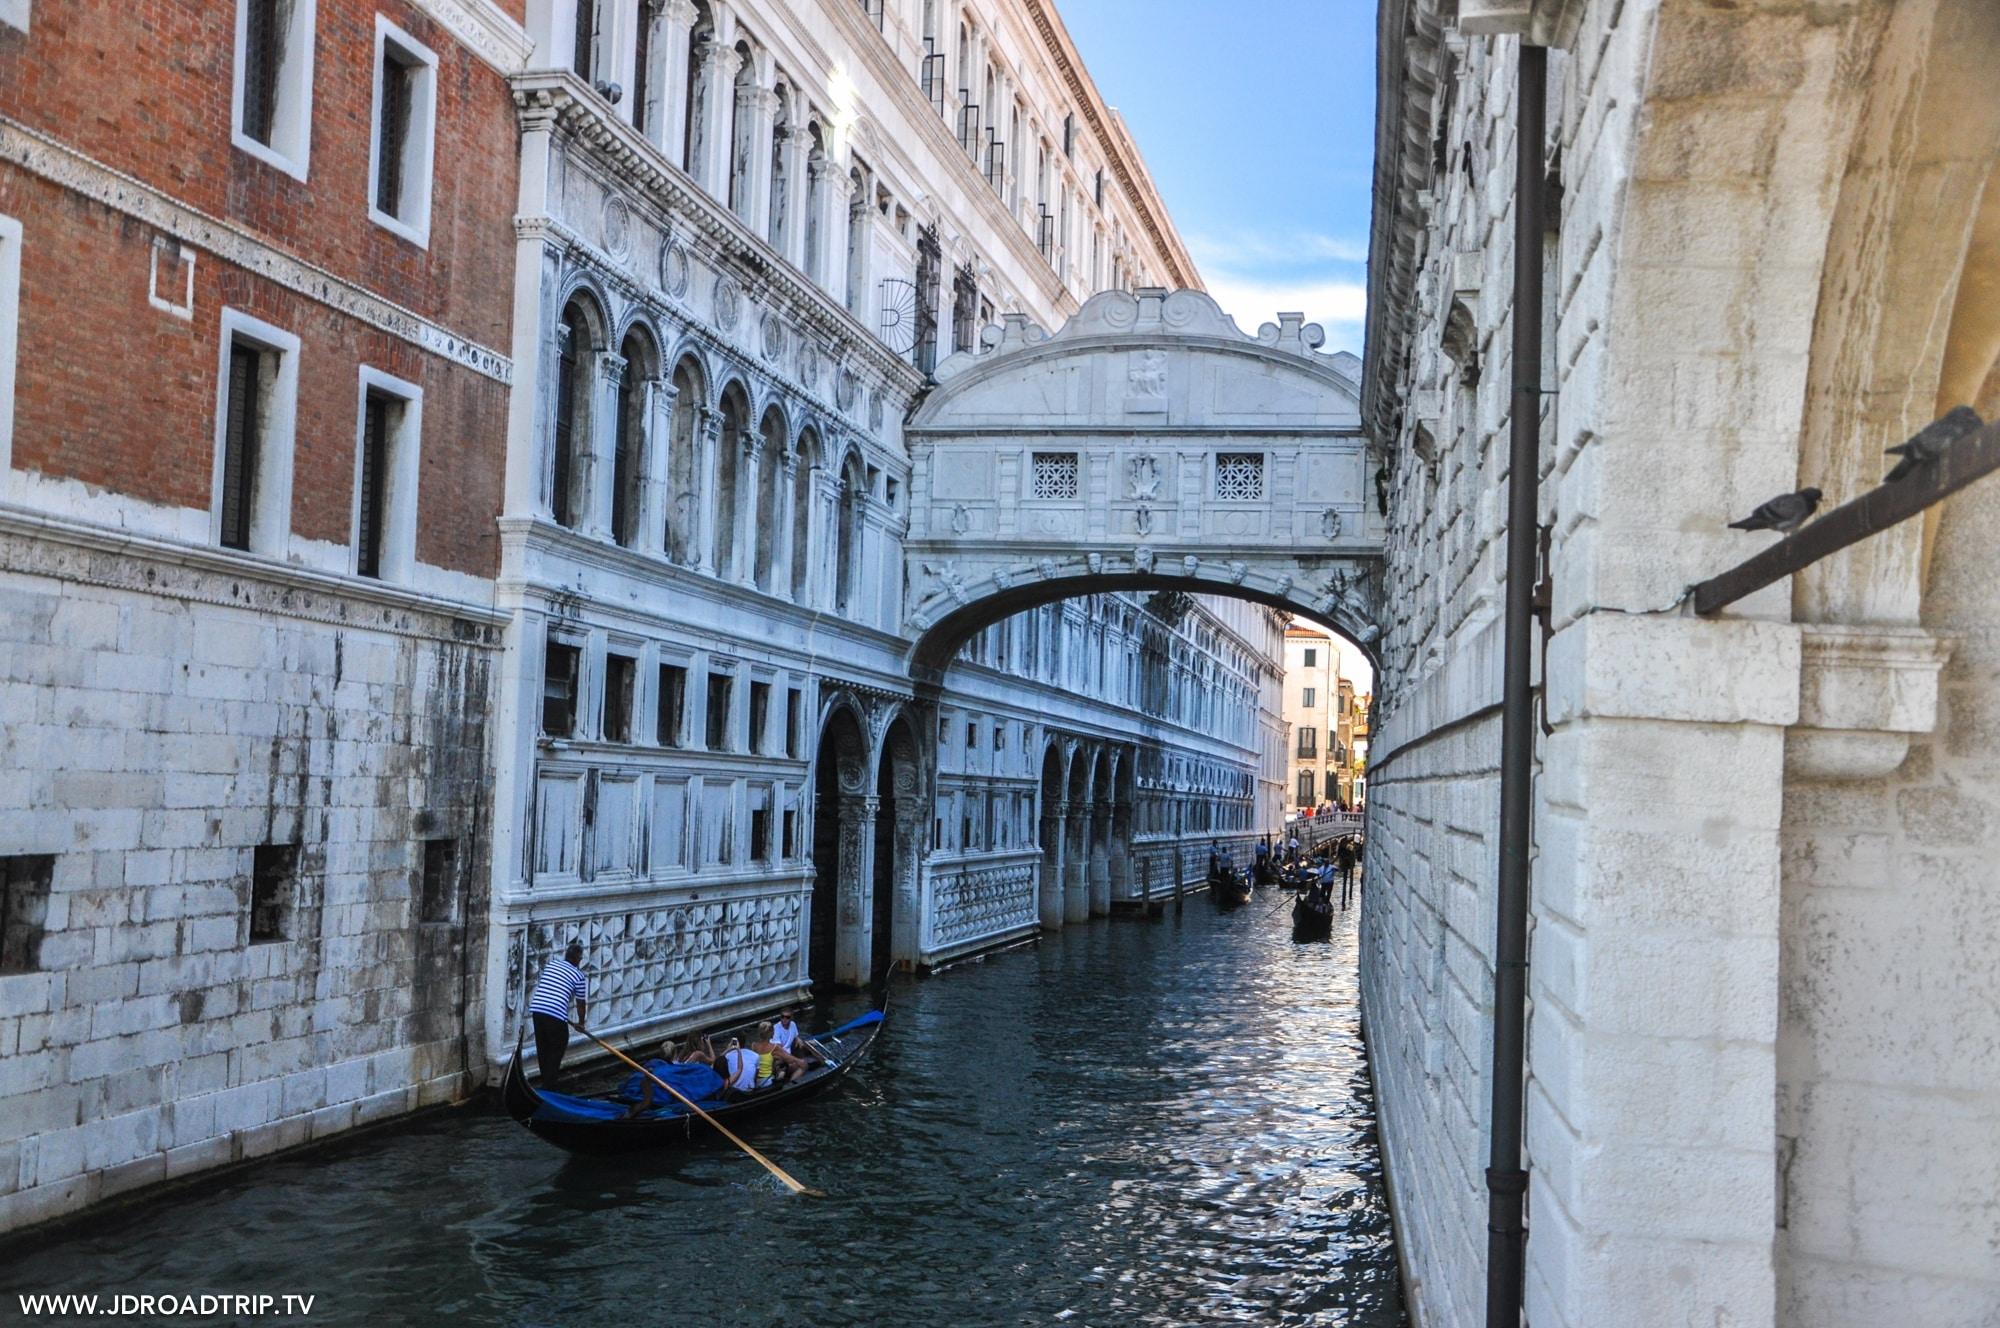 Visiter Venise en 3 jours - Pont des Soupirs